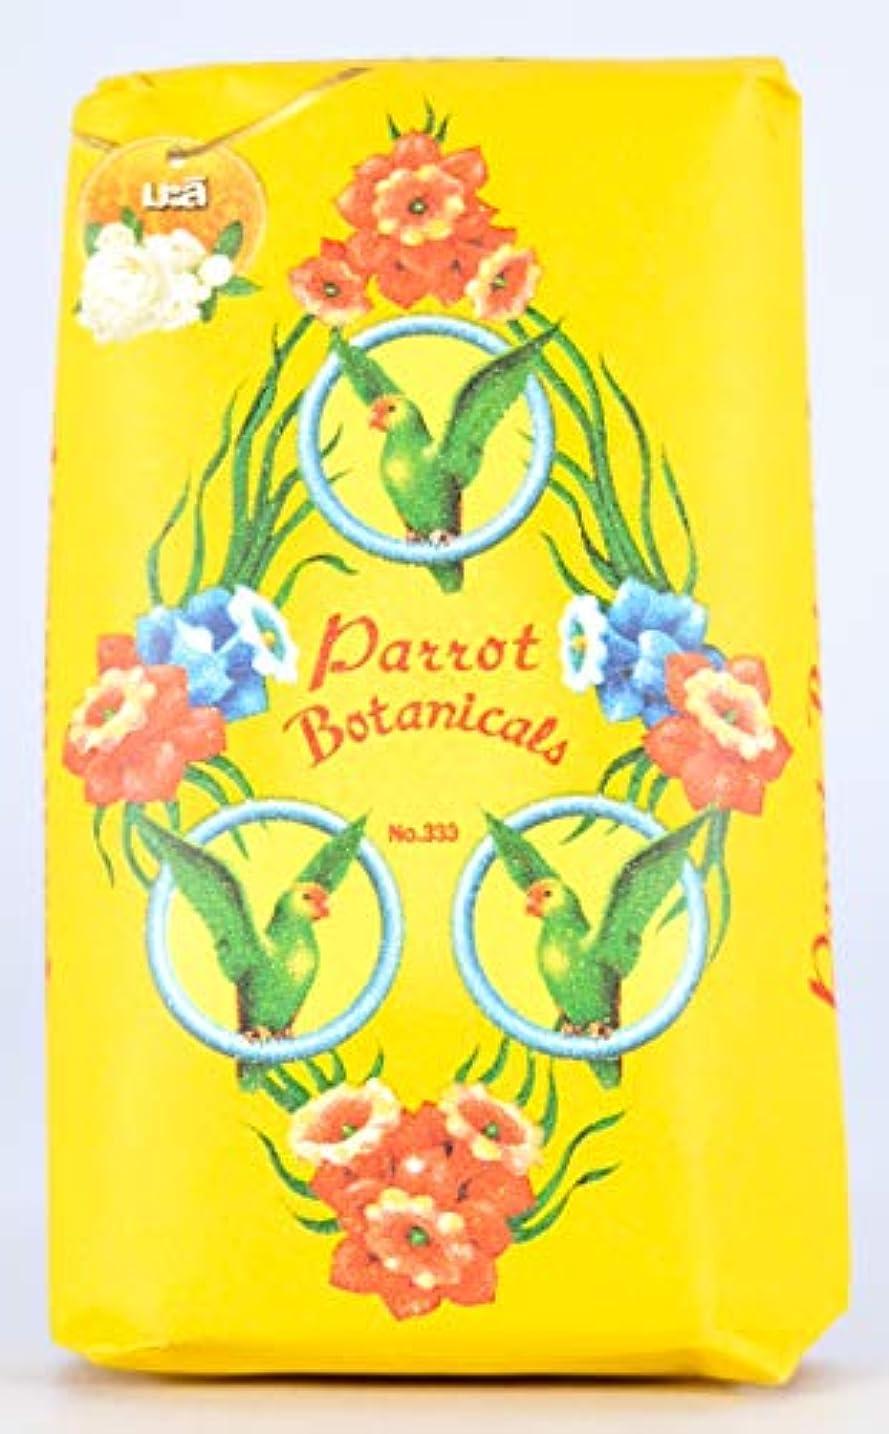 広範囲忠誠アレキサンダーグラハムベルParrot Soap Botanicals Jasmine Fragrance 70g.x4